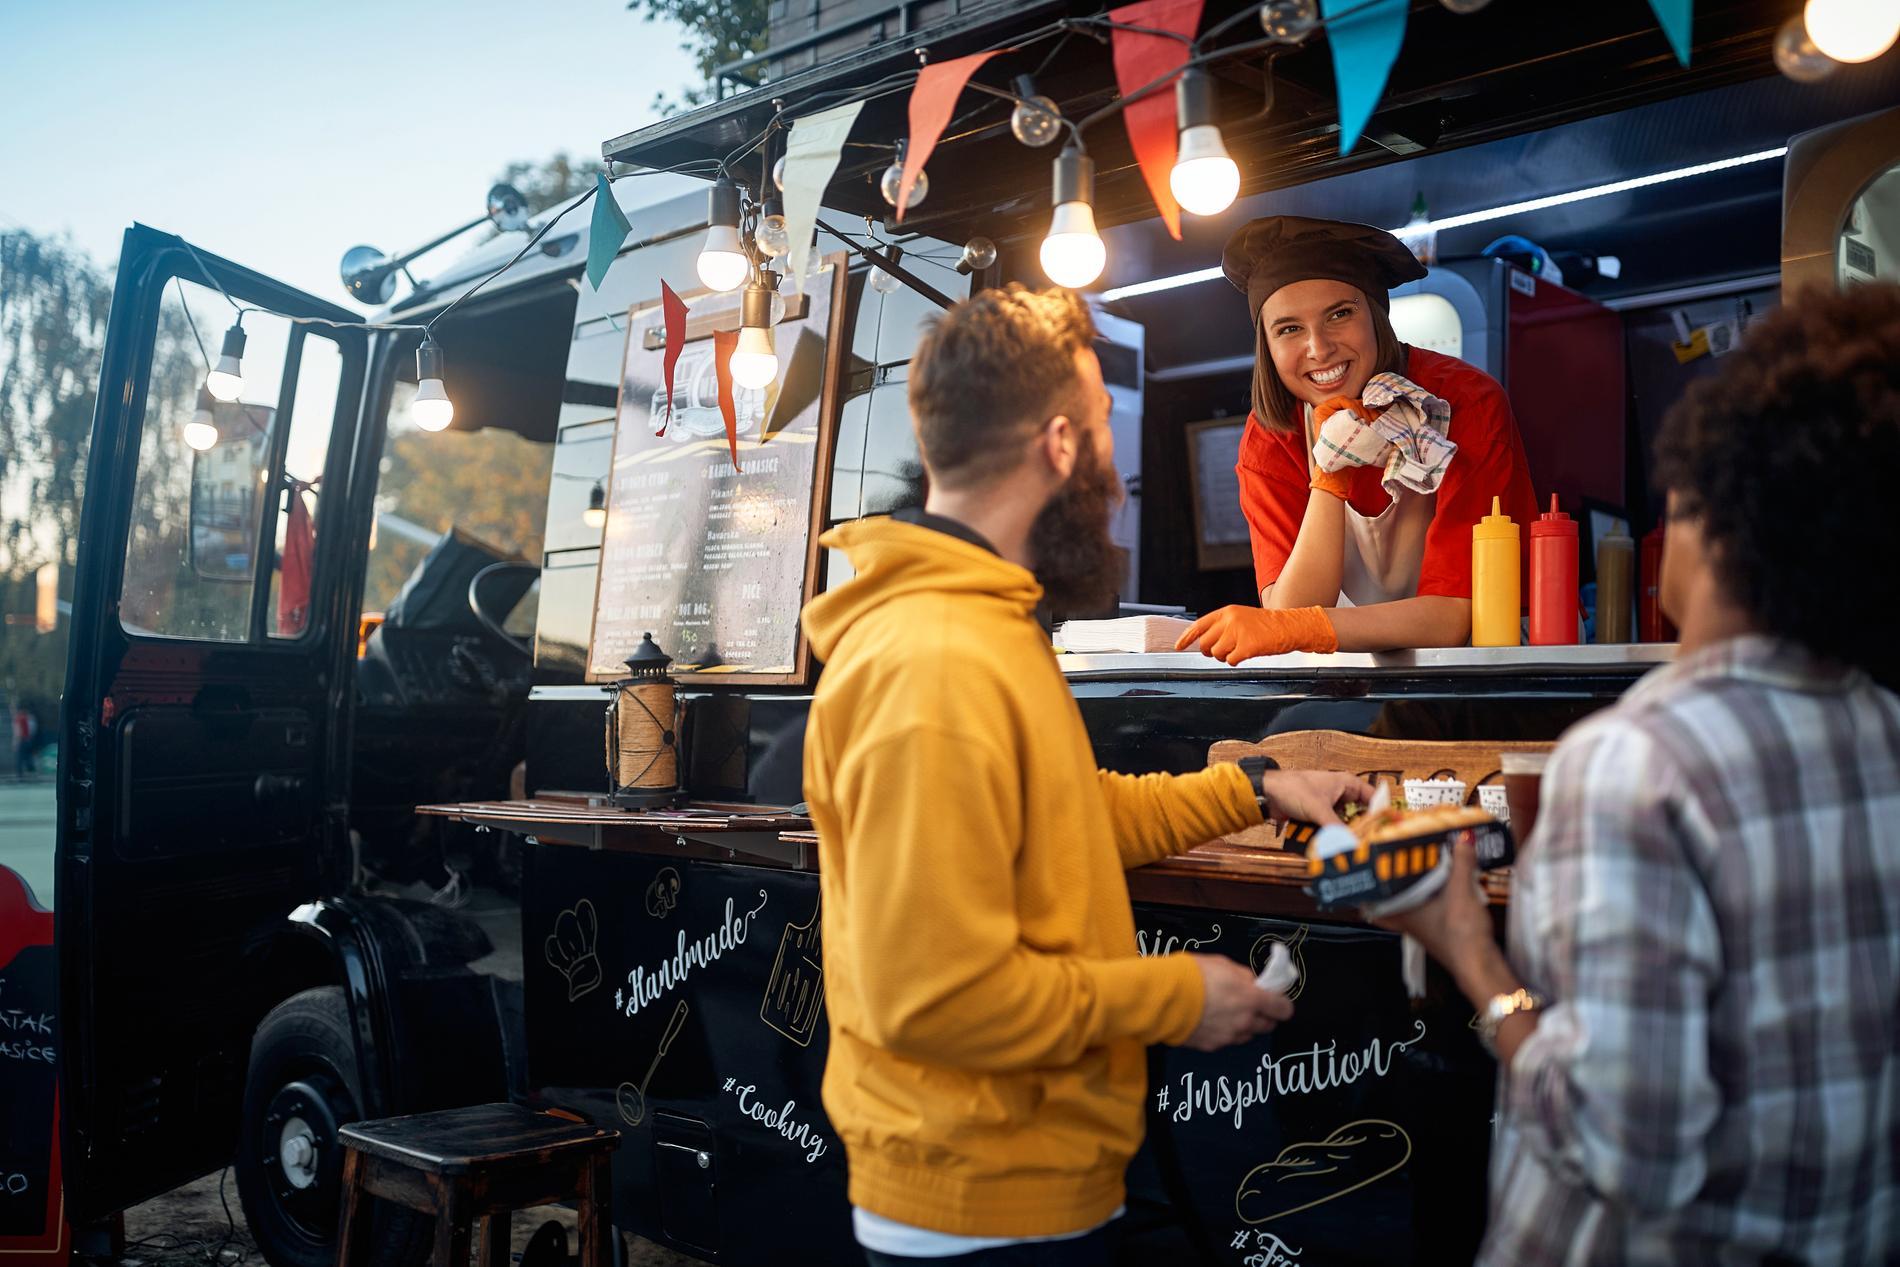 Det kan vara stor skillnad i kostnad mellan att starta en restaurang och att investera i en food truck.